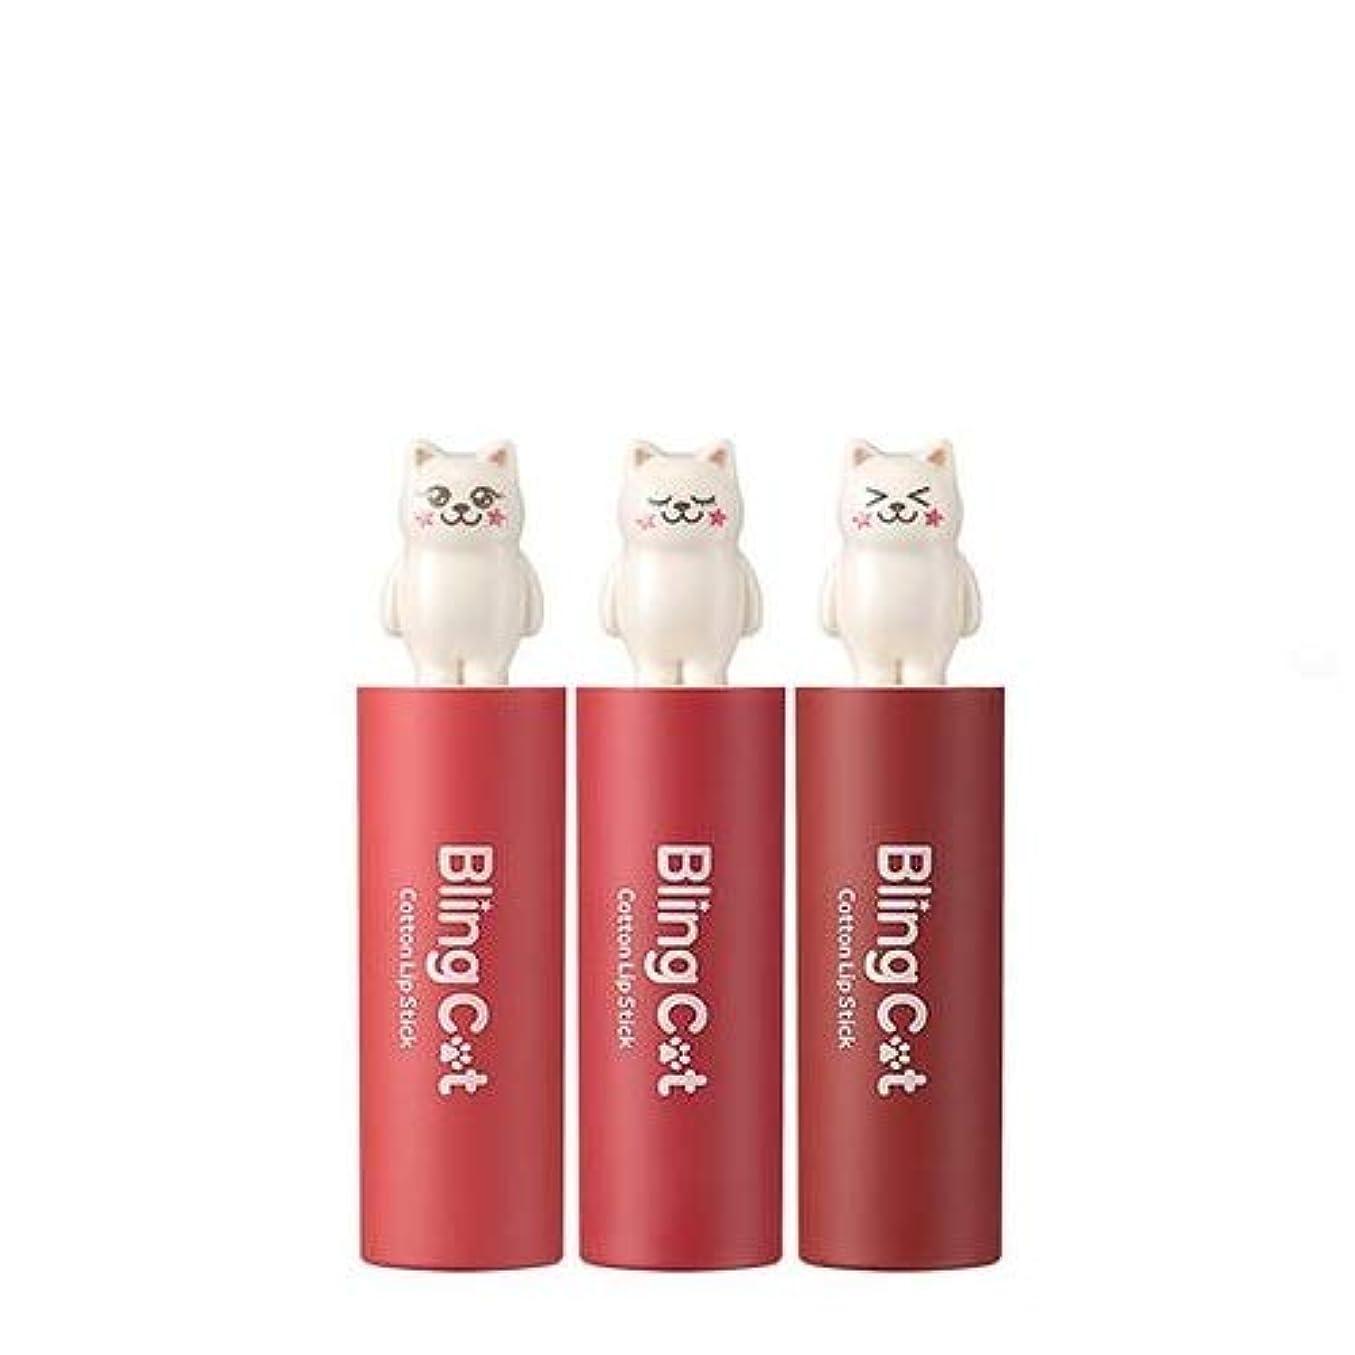 トニーモリー ブリングキャット コットン リップスティック 3.4g / TONYMOLY Bling Cat Cotton Lipstick # 09. Maroon Mode [並行輸入品]